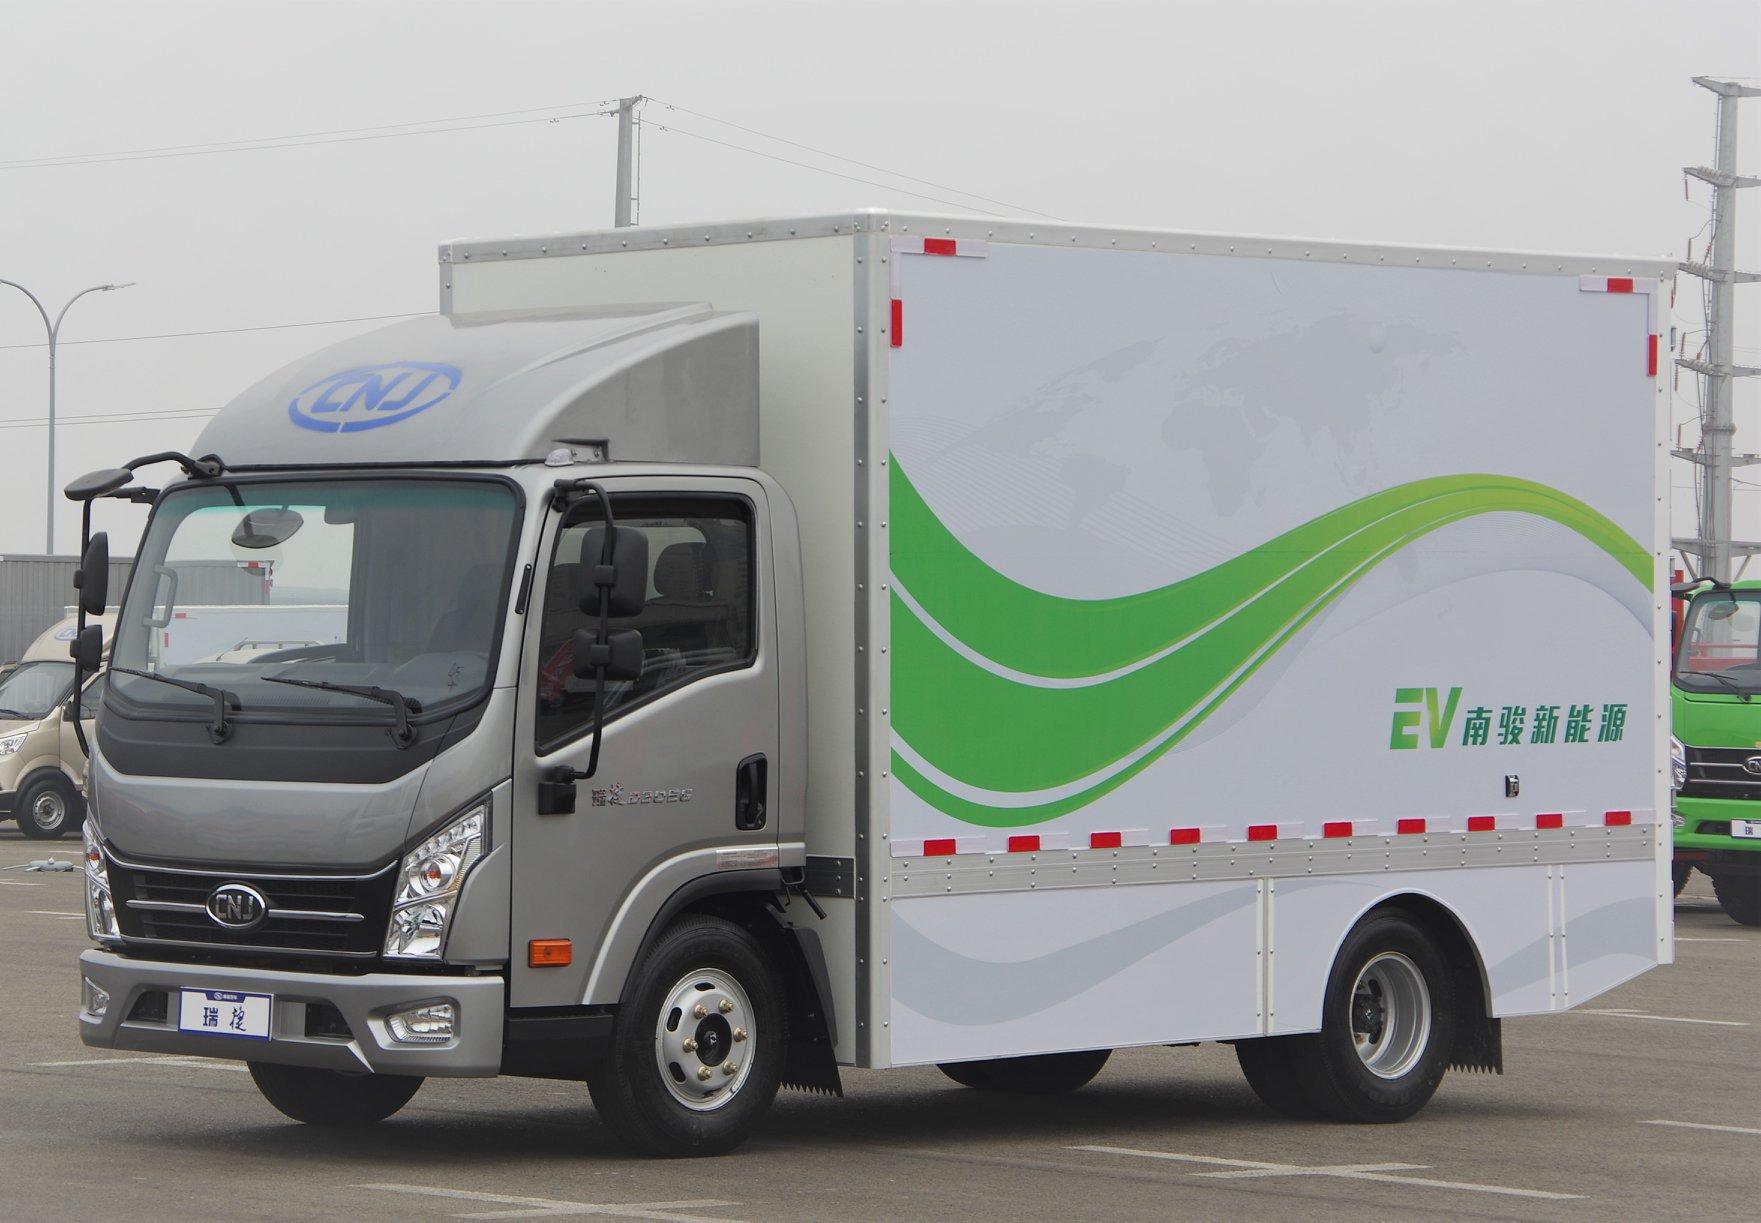 Cnj-elektrische-vrachtwagens-van-39-kwh-tot-93-kwh-met-lading-van-2-5-ton-tot-8-ton-6